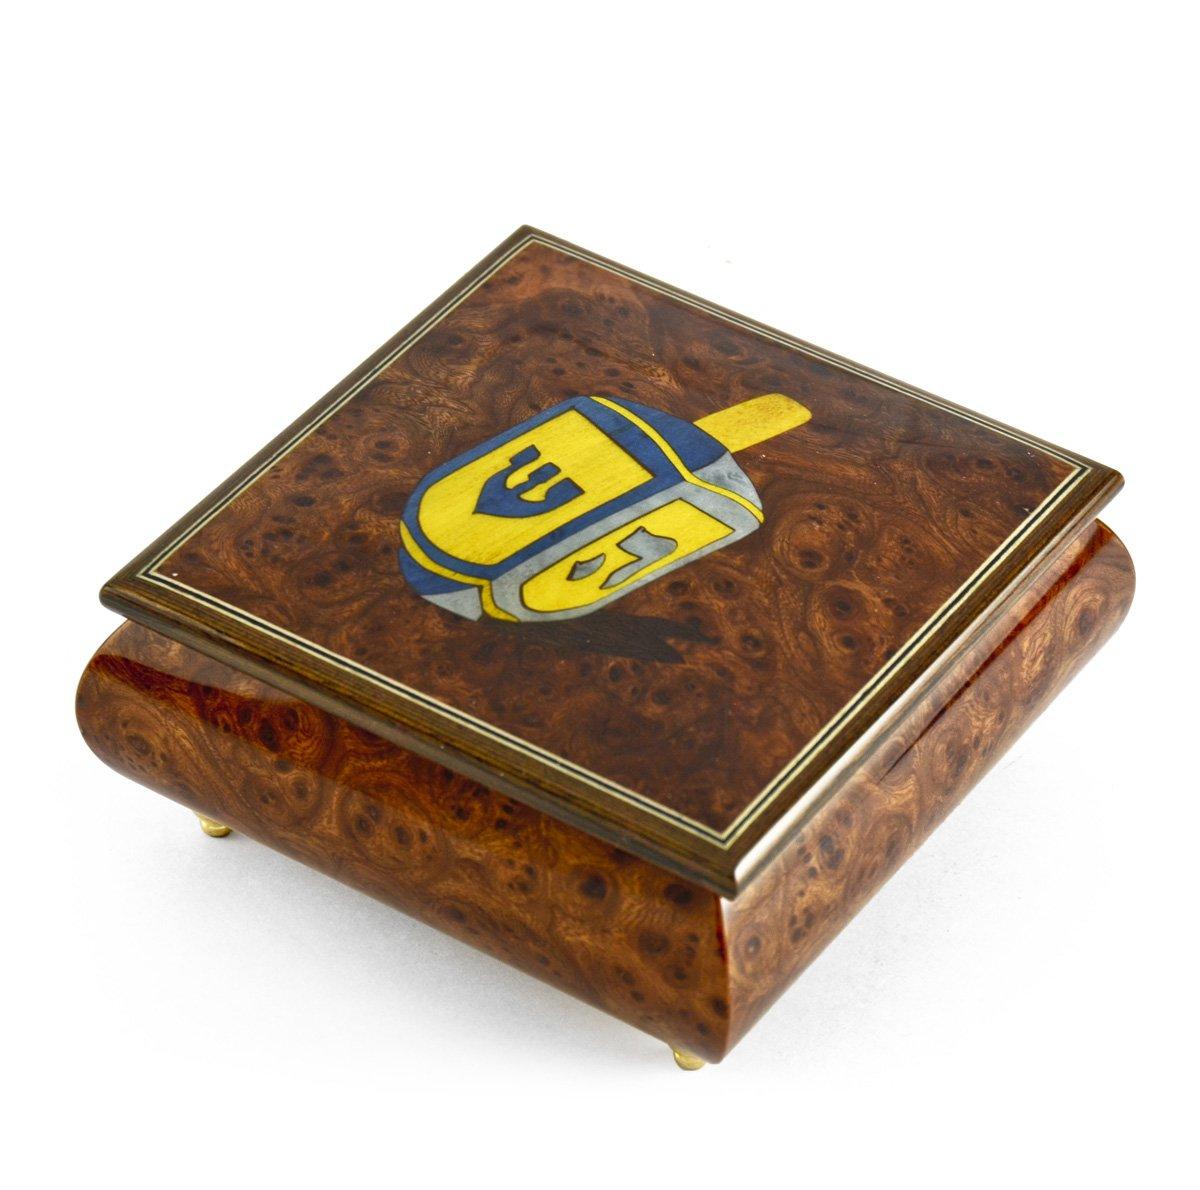 【美品】 従来Jewish Dreidel Wood Inlay Musicalジュエリーボックス Car 382. There is No My Wood Business Like Show Business ゴールド MBA450DREIDEL B0756NFZY3 93. Drive My Car 93. Drive My Car, 神戸芳香園 お茶といろいろ:0846b735 --- ballyshannonshow.com